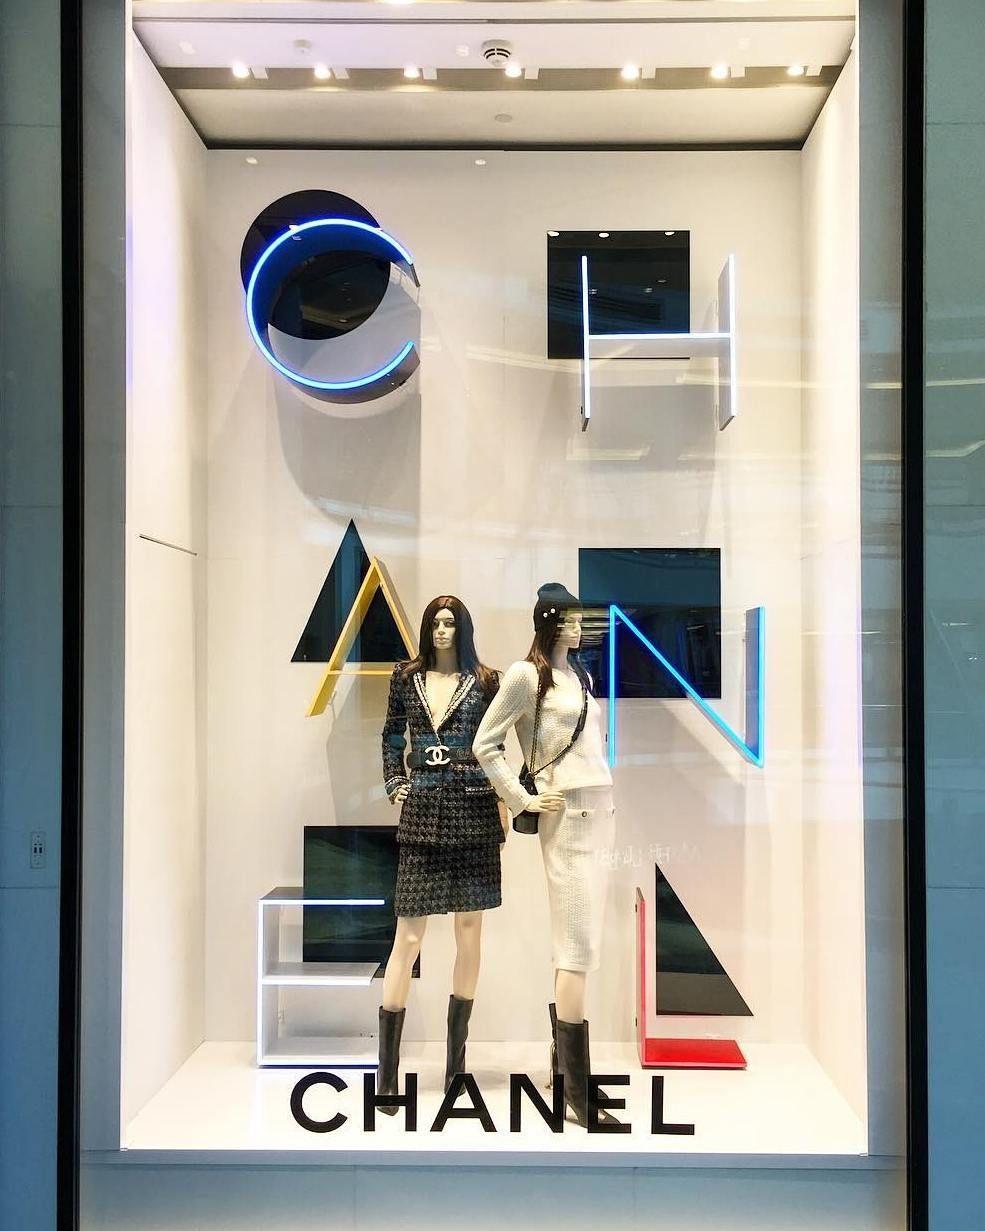 separation shoes 80808 3847d Simetria Chanel Taller De Diseño, Exhibición De Producto, Diseño De  Vitrina, Escaparates Originales